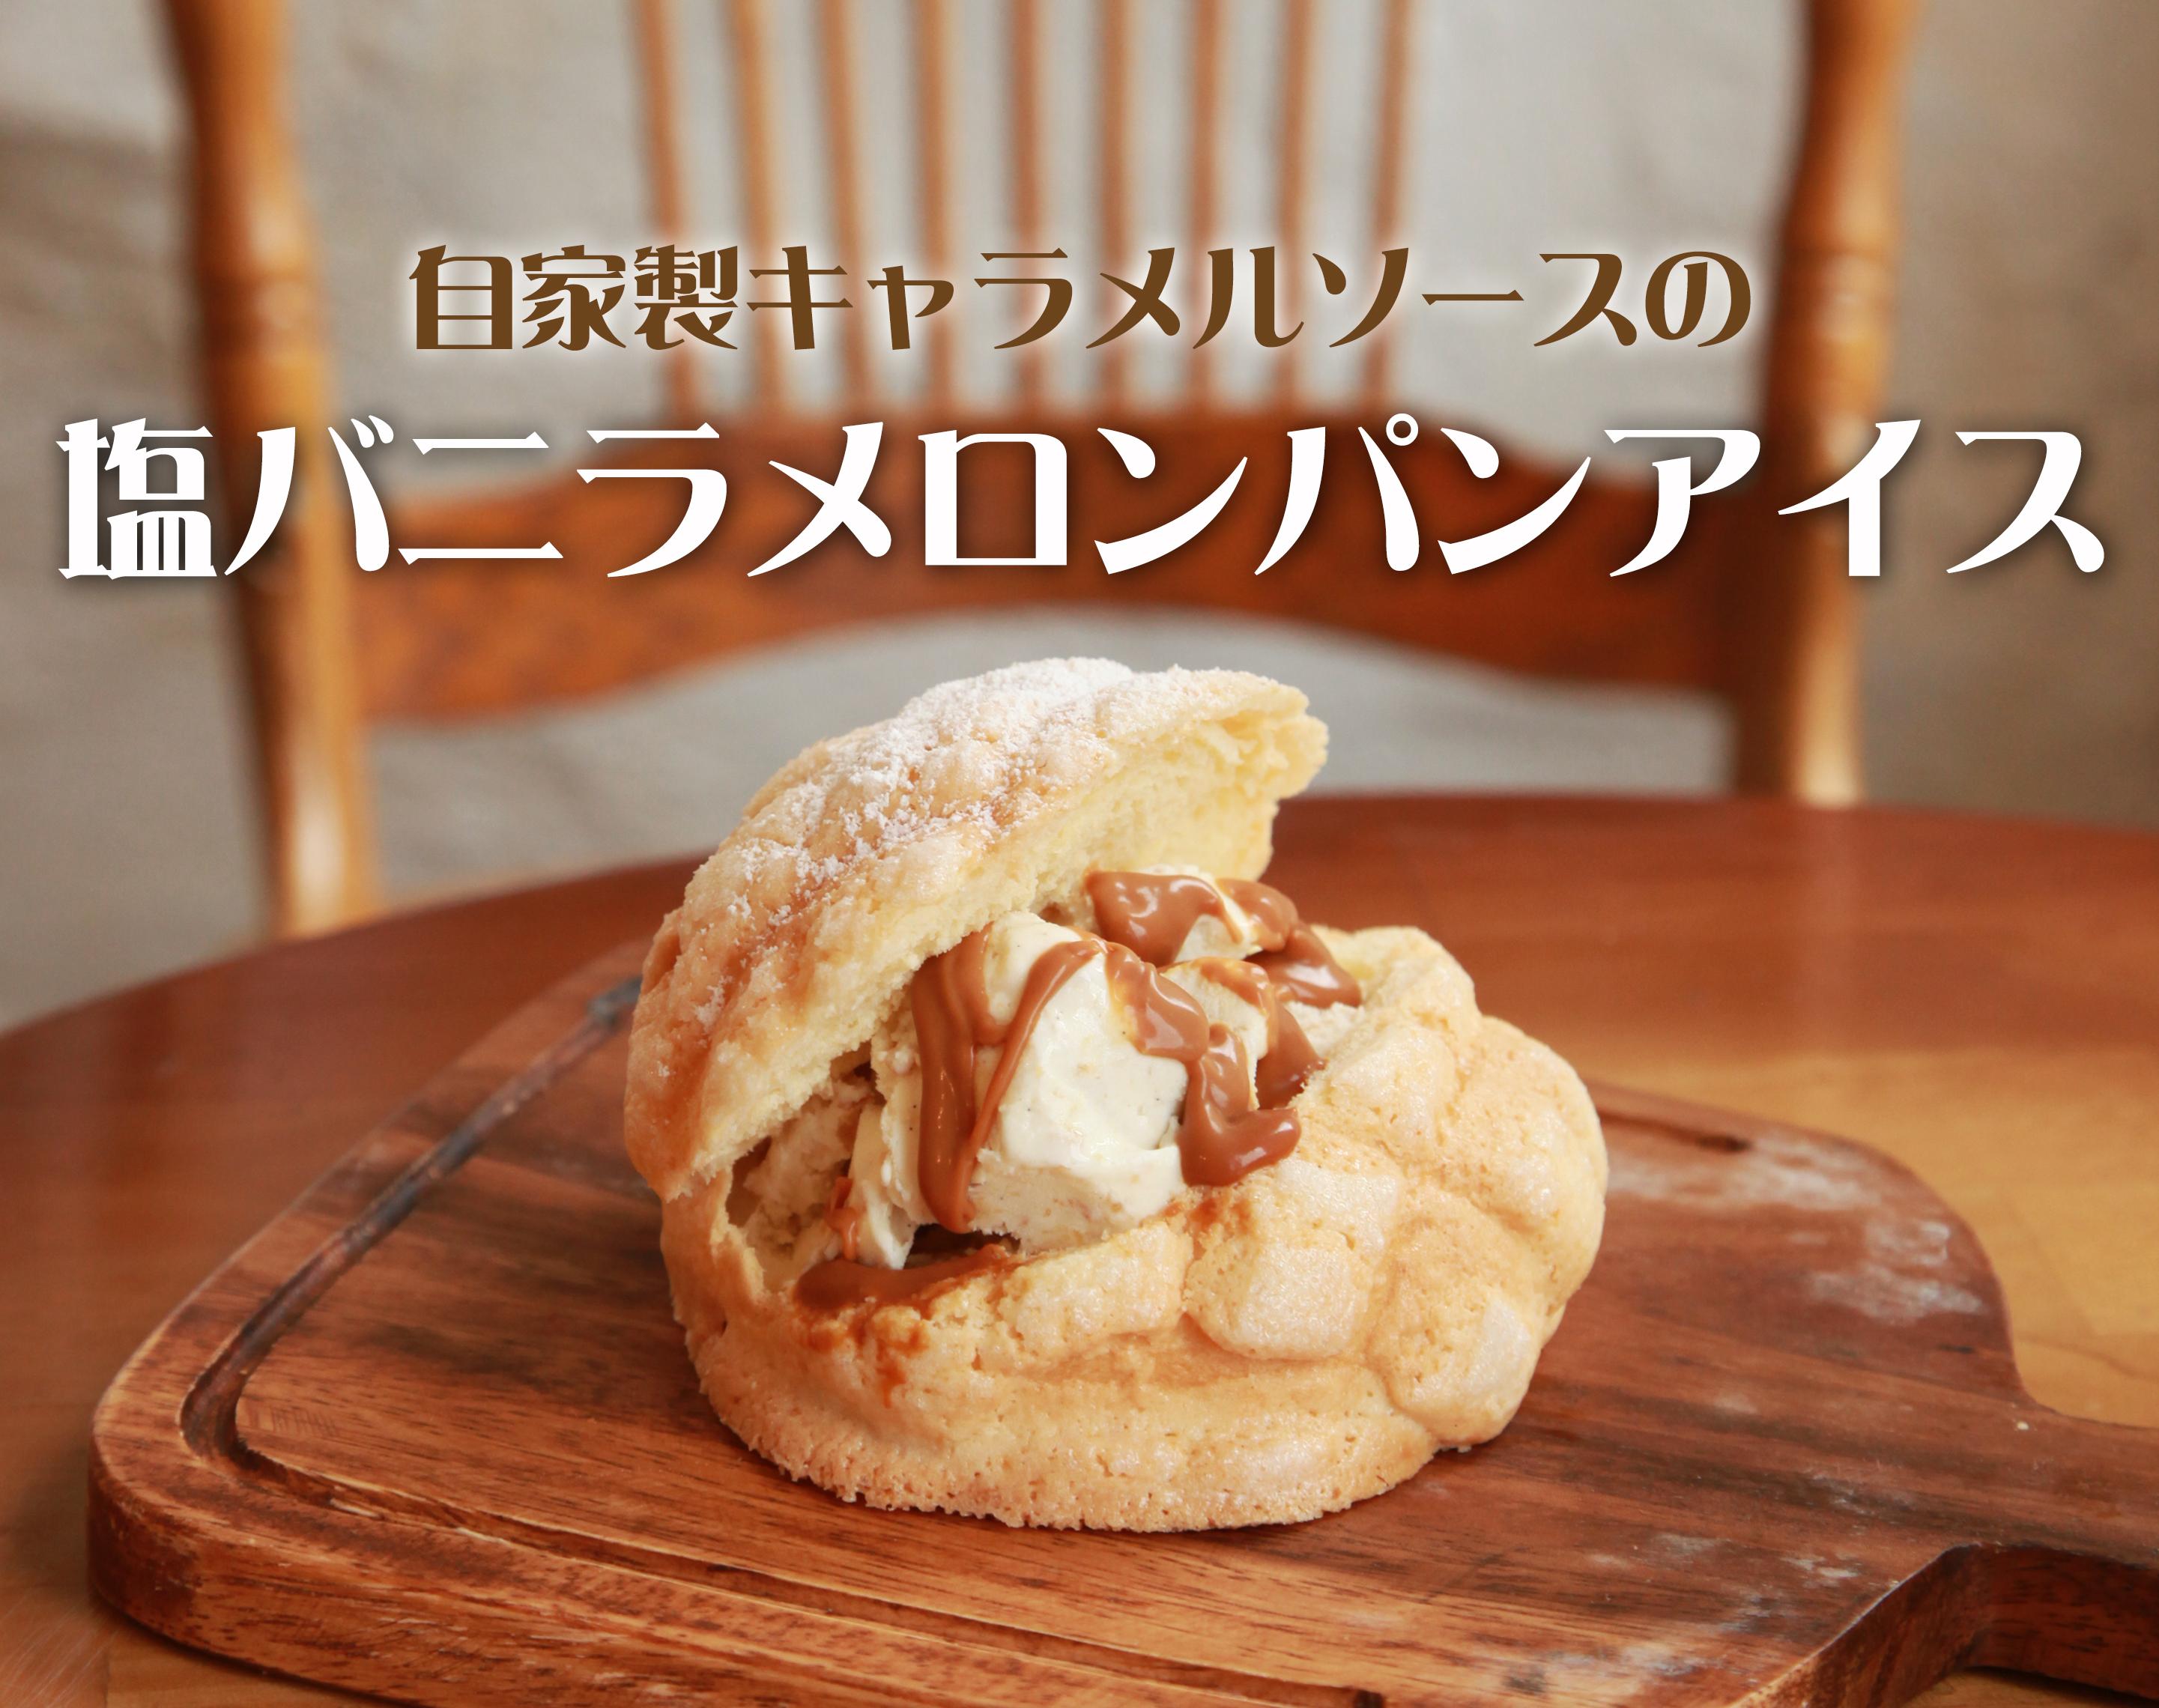 焦がしバター塩キャラメルのメロンパン